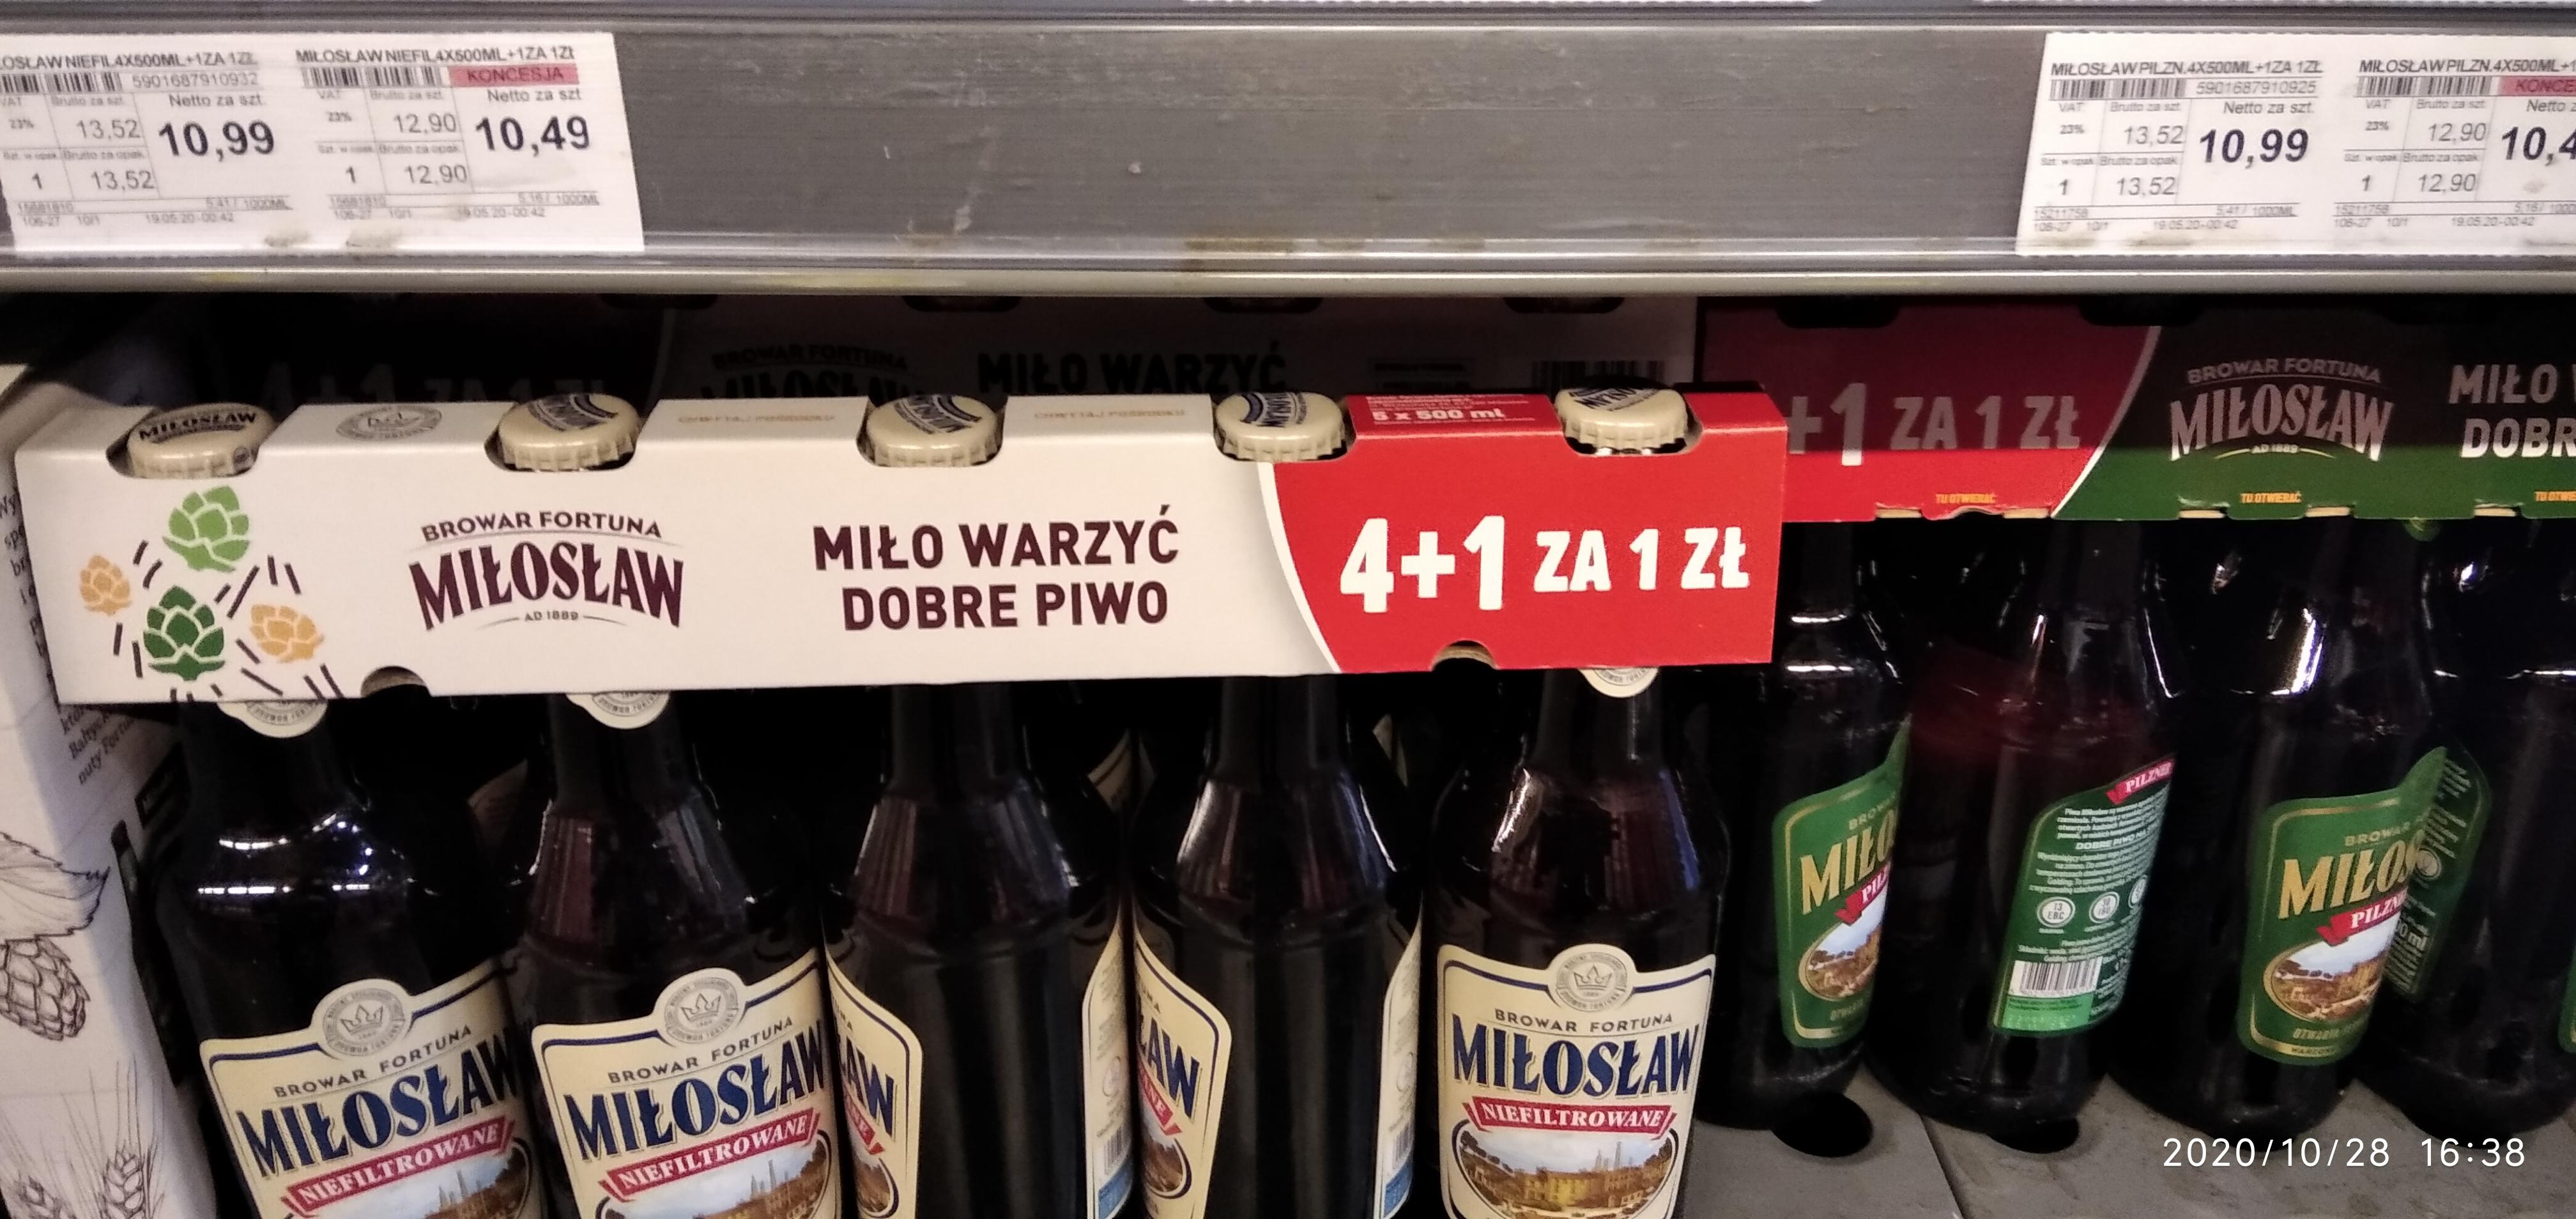 """Piwo Miłosław niefiltrowane lub Pilzner """"4+ 1 za 1 zł""""bez koncesji 13,52zł(2,70zł/szt.),z koncesją 12,90zł(2,58zł/szt.) w Selgros"""